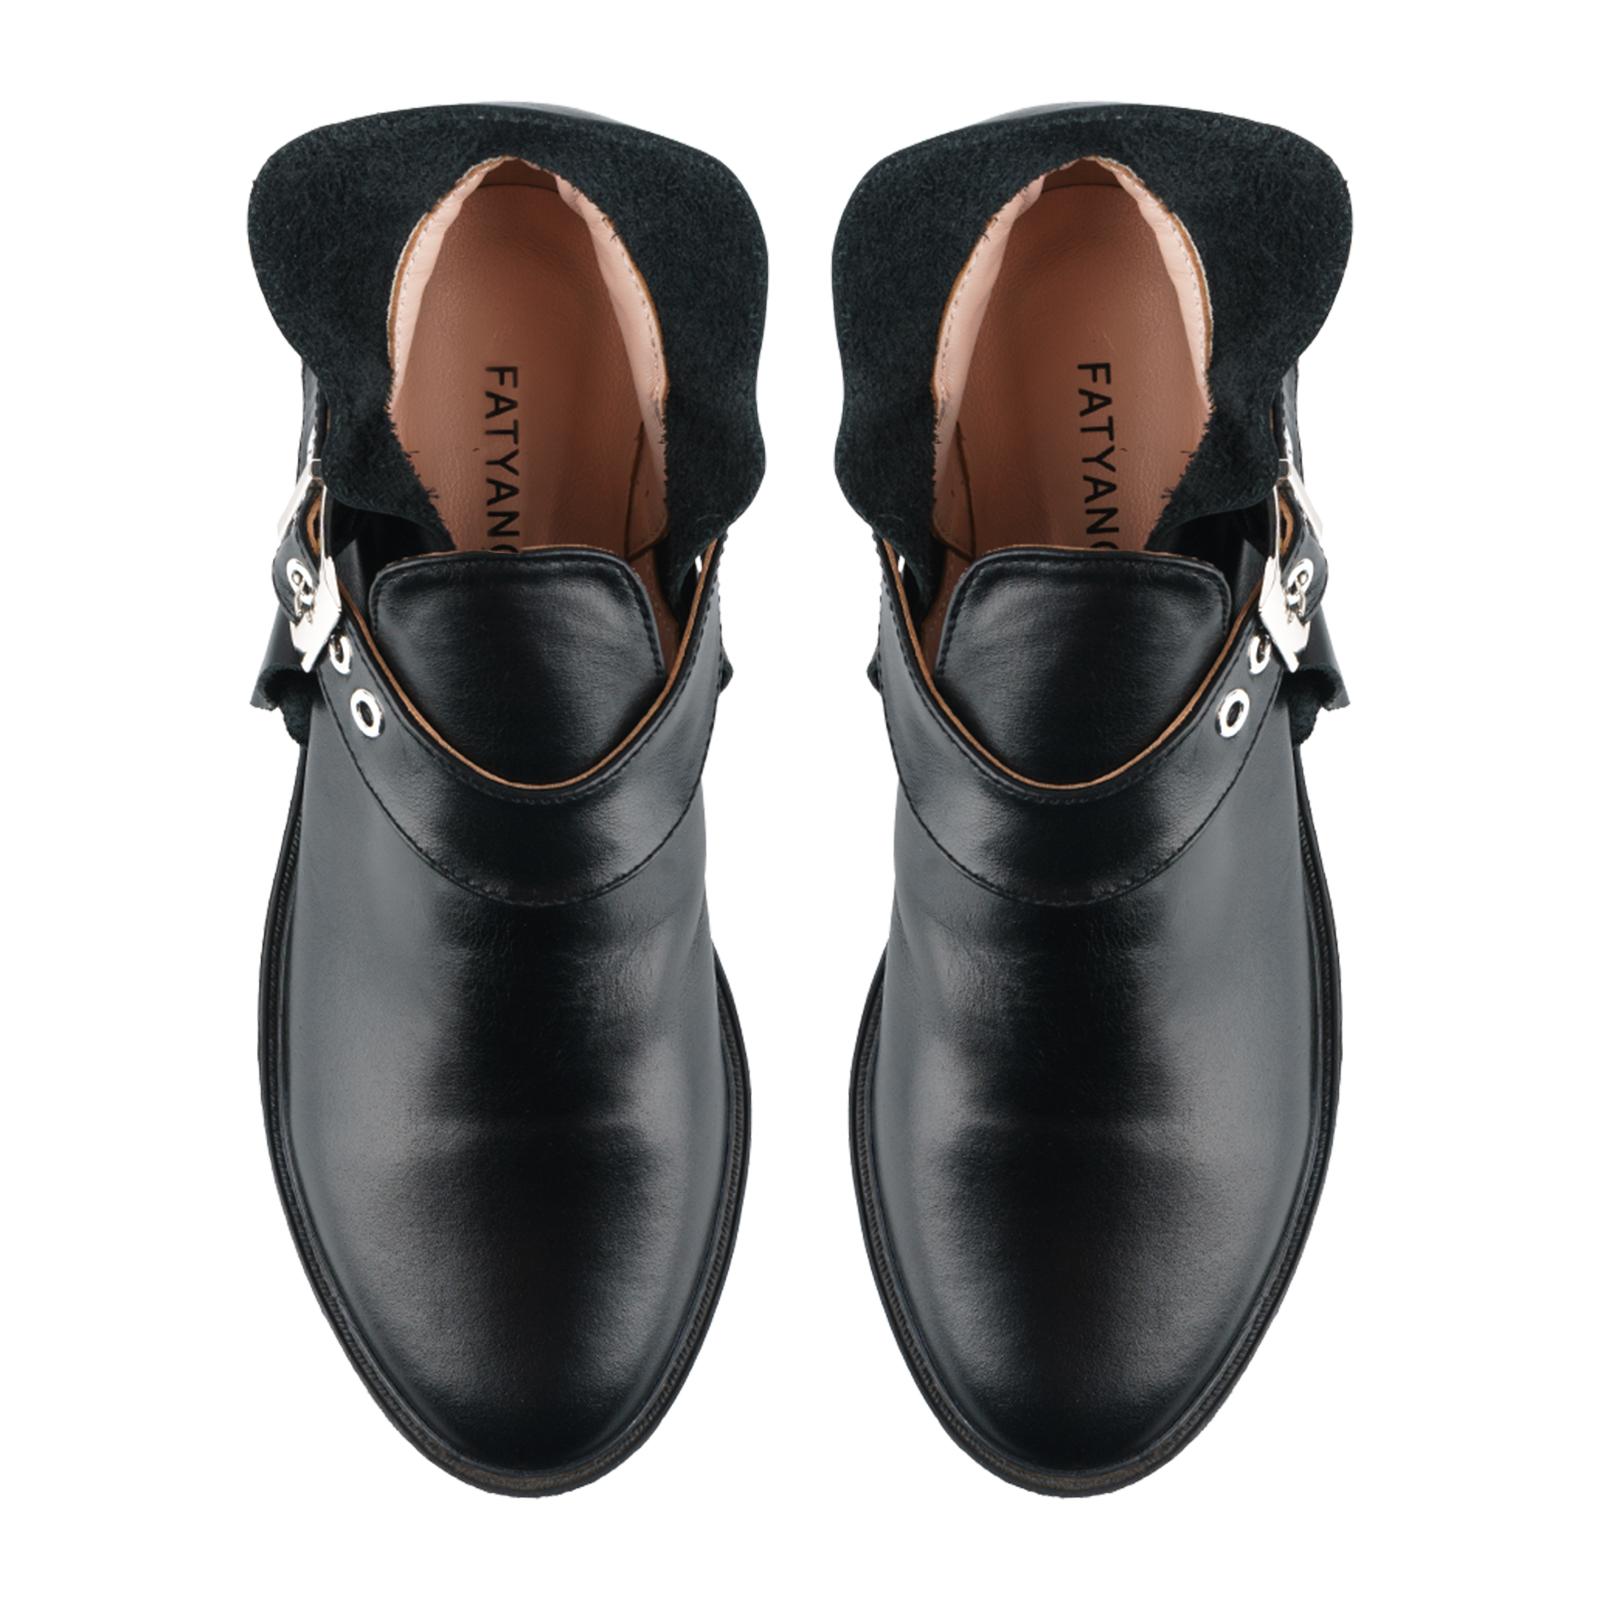 Полуботинки женские Ботинки Мерлин кожаные черного цвета 100051 , 2017